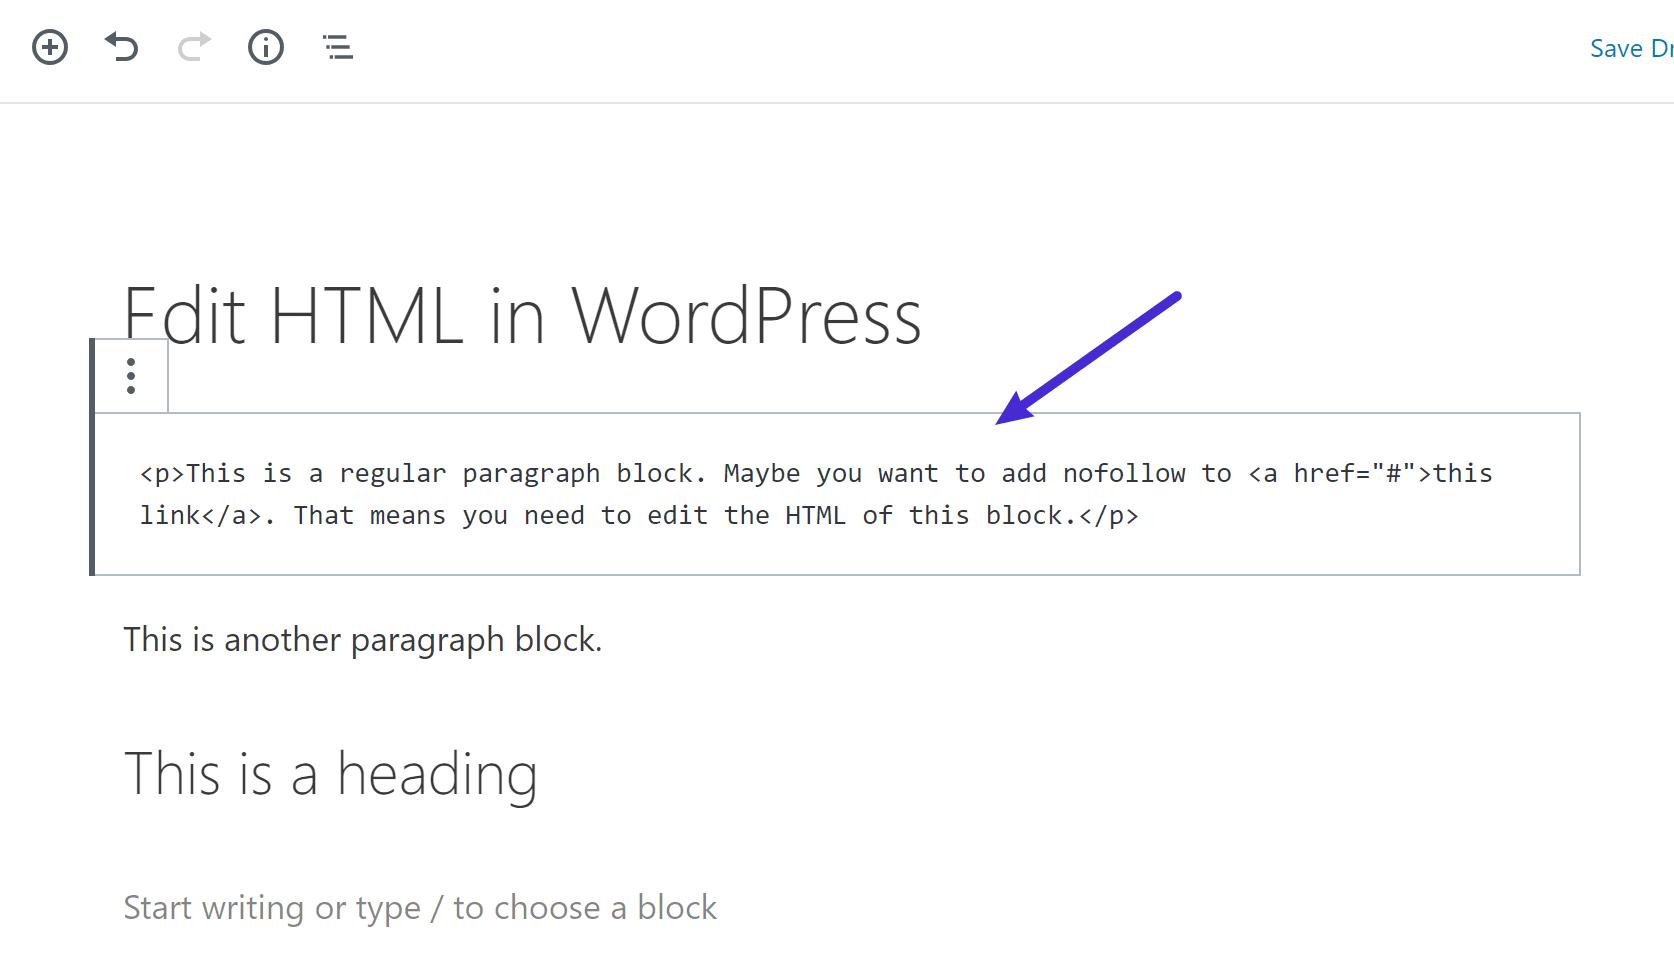 Eksempel på redigering af en bloks HTML